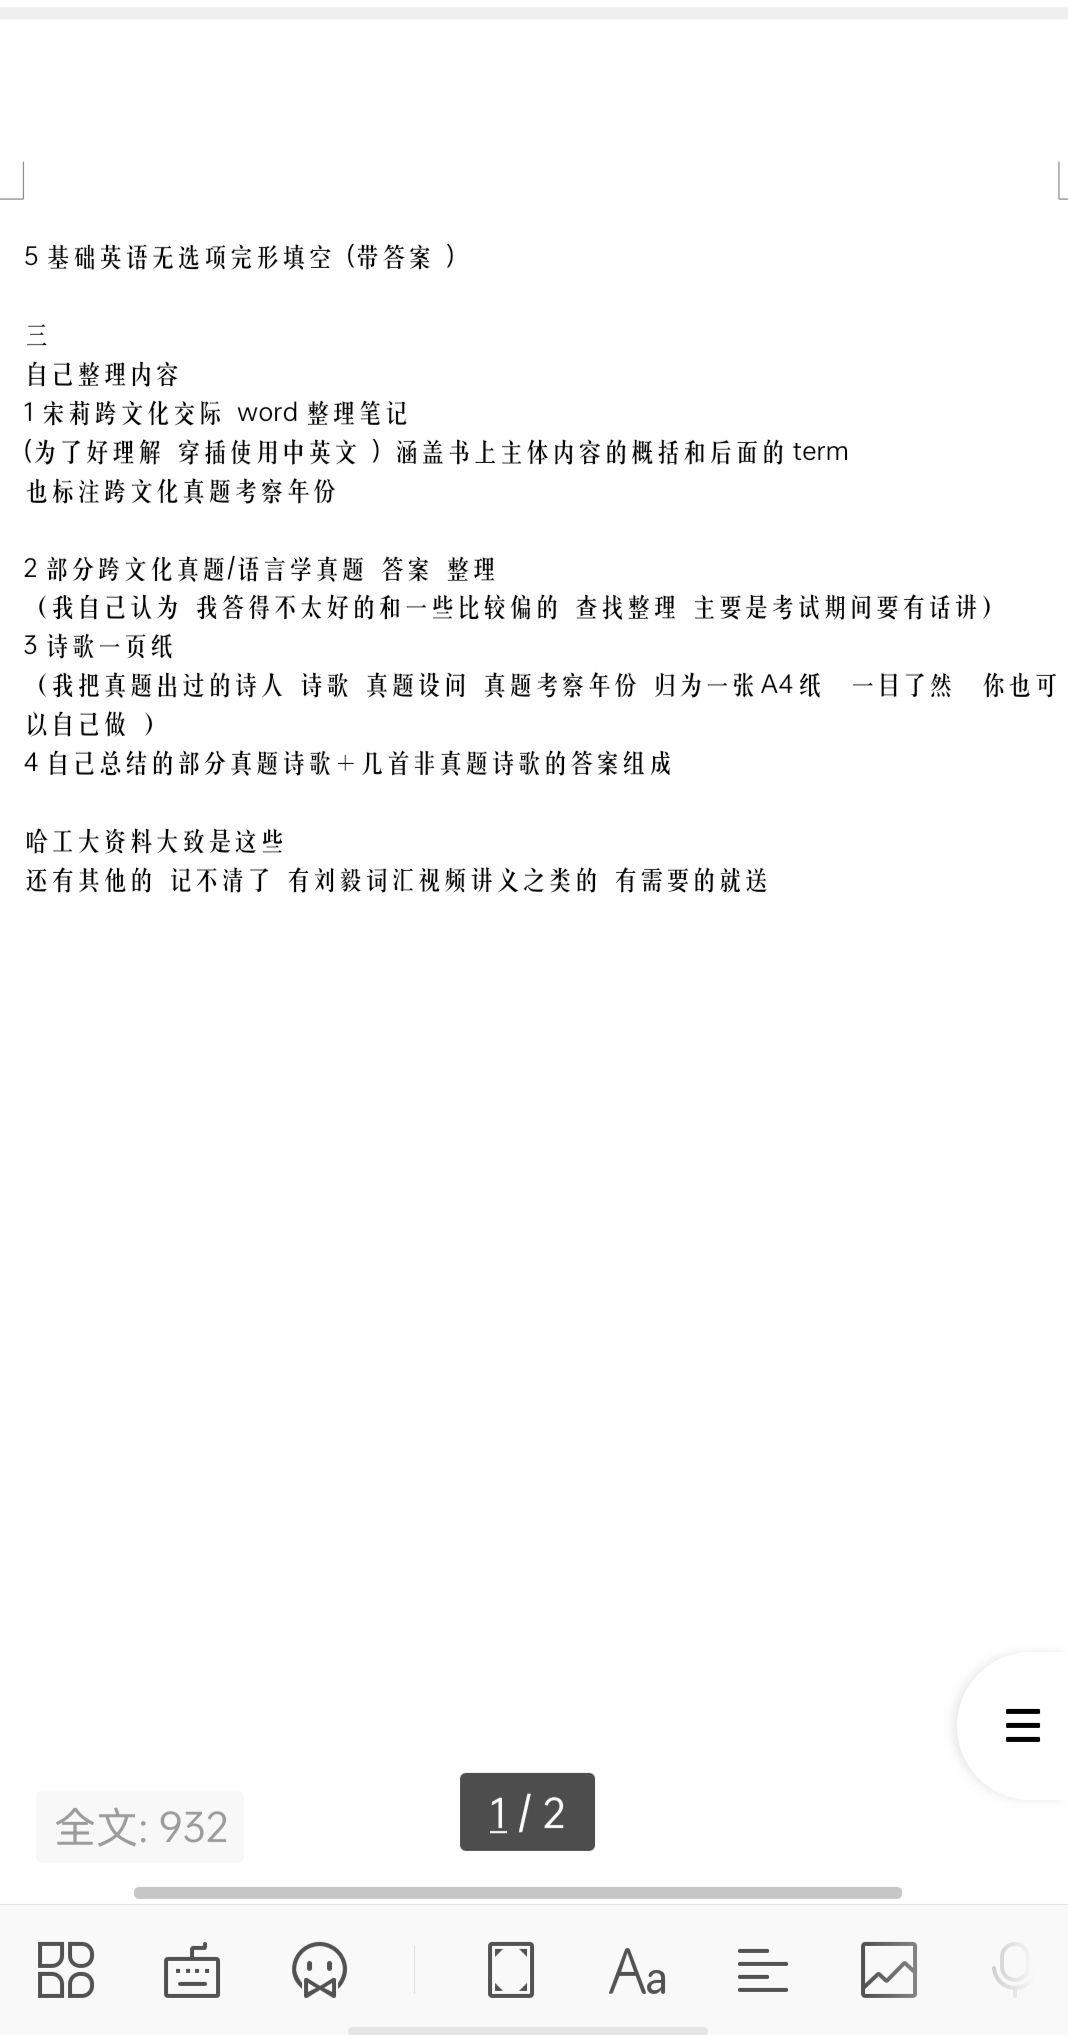 IMG_36CB51F8ED53738E6BF874062B73F7.jpeg